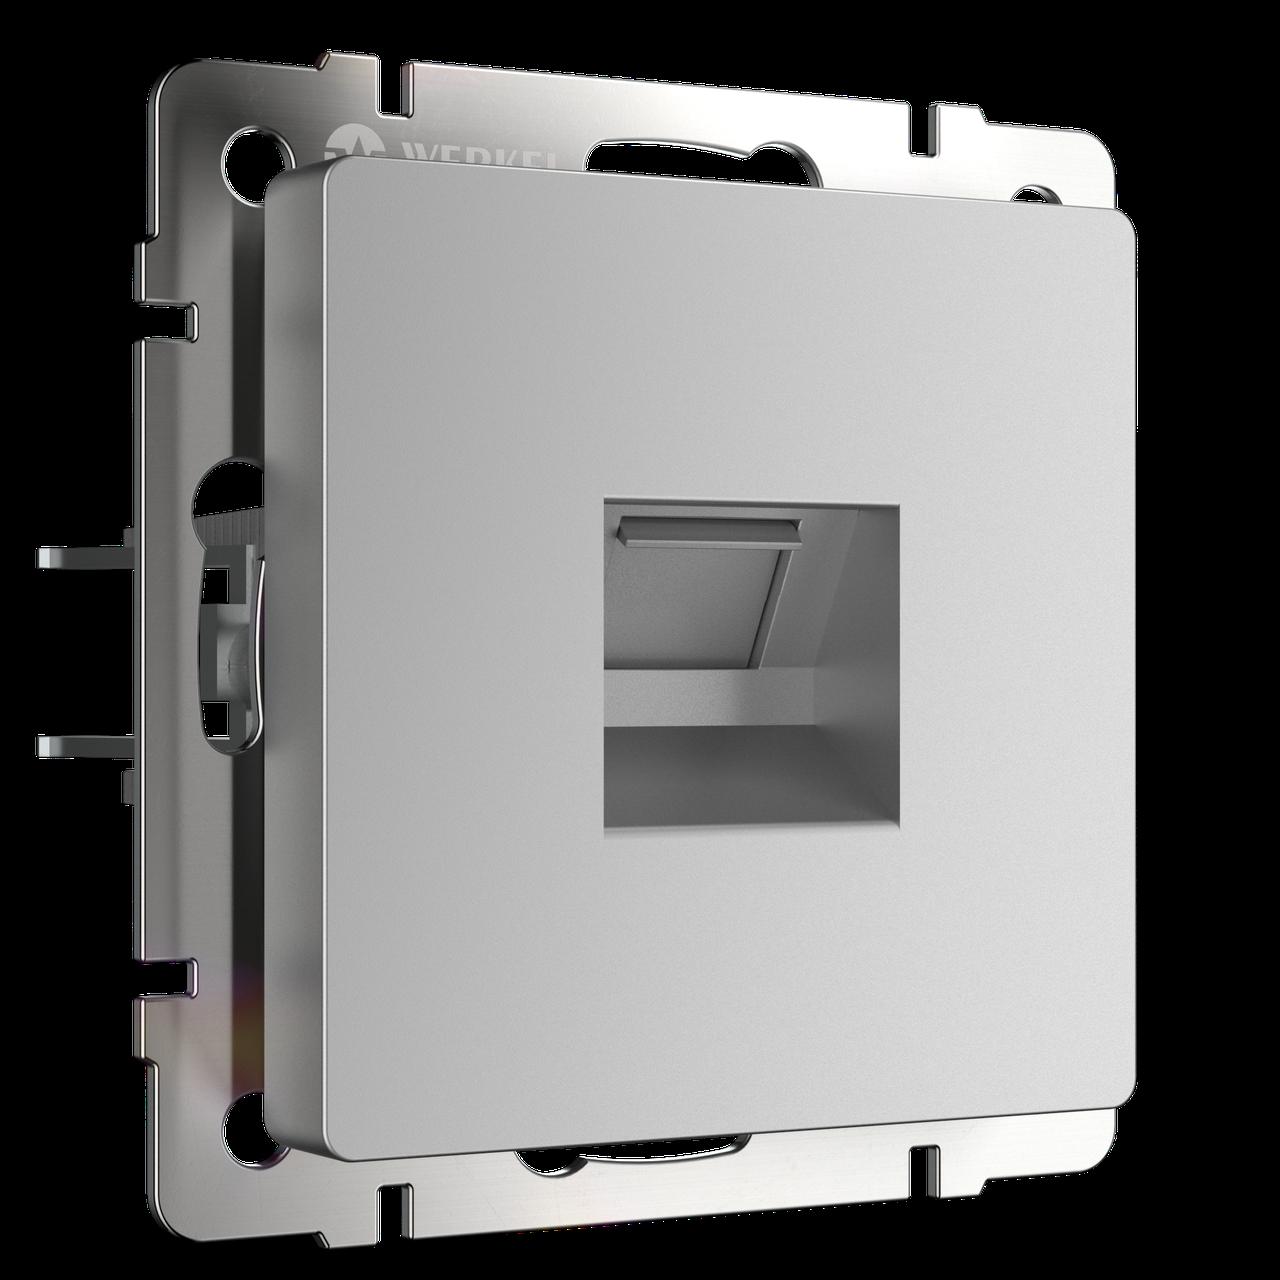 Розетка Ethernet RJ-45 /WL06-RJ-45 (серебряный)